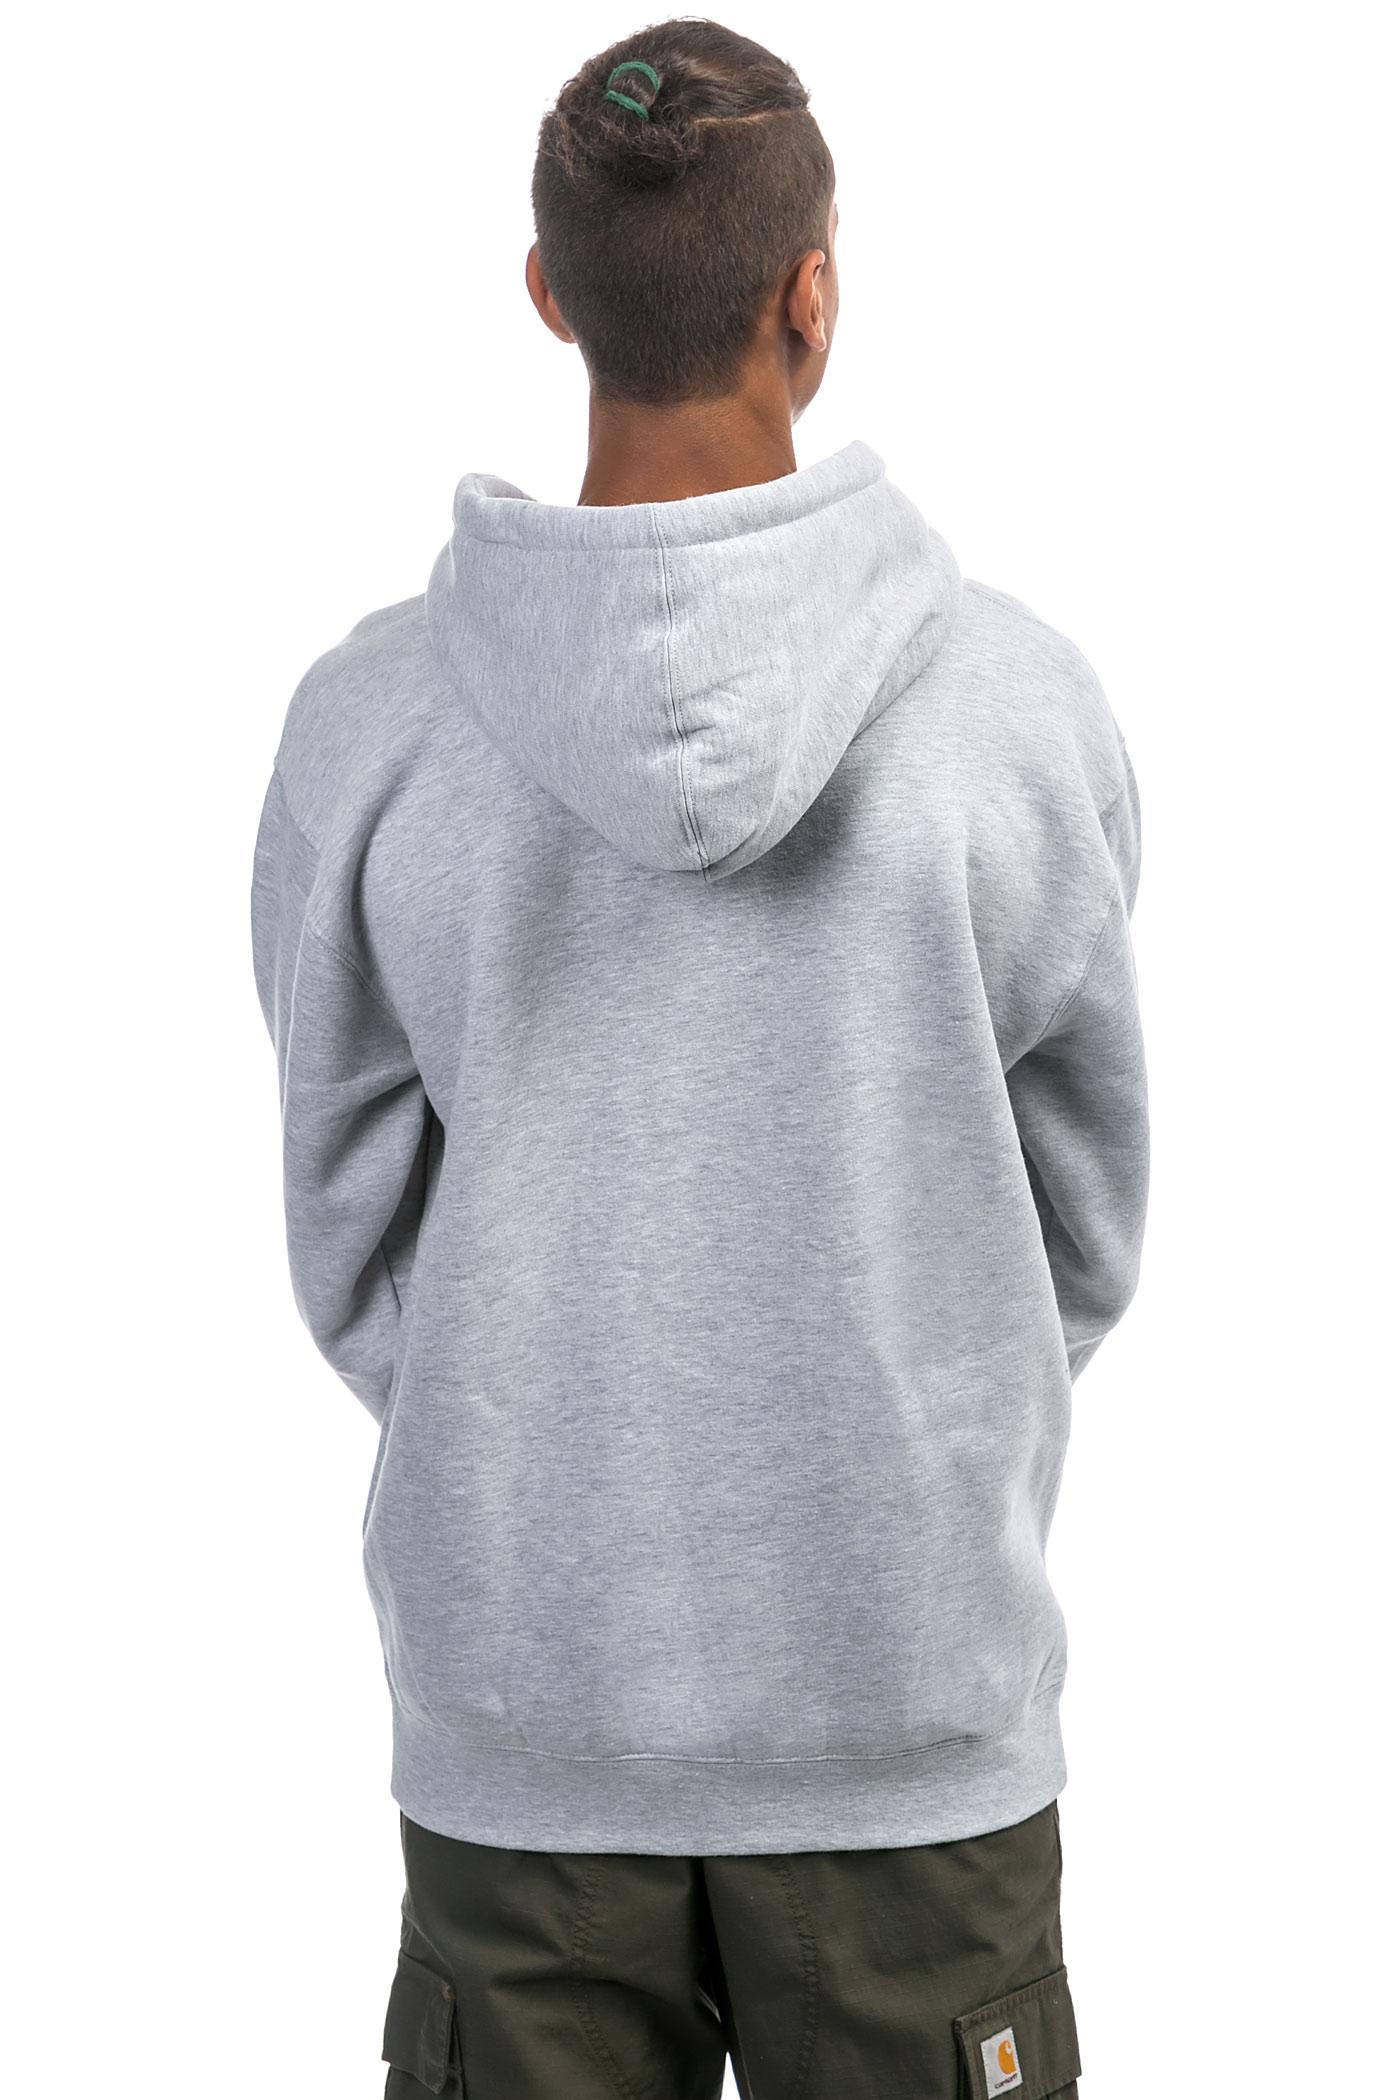 spitfire bighead hoodie. spitfire bighead hoodie (athletic heather)